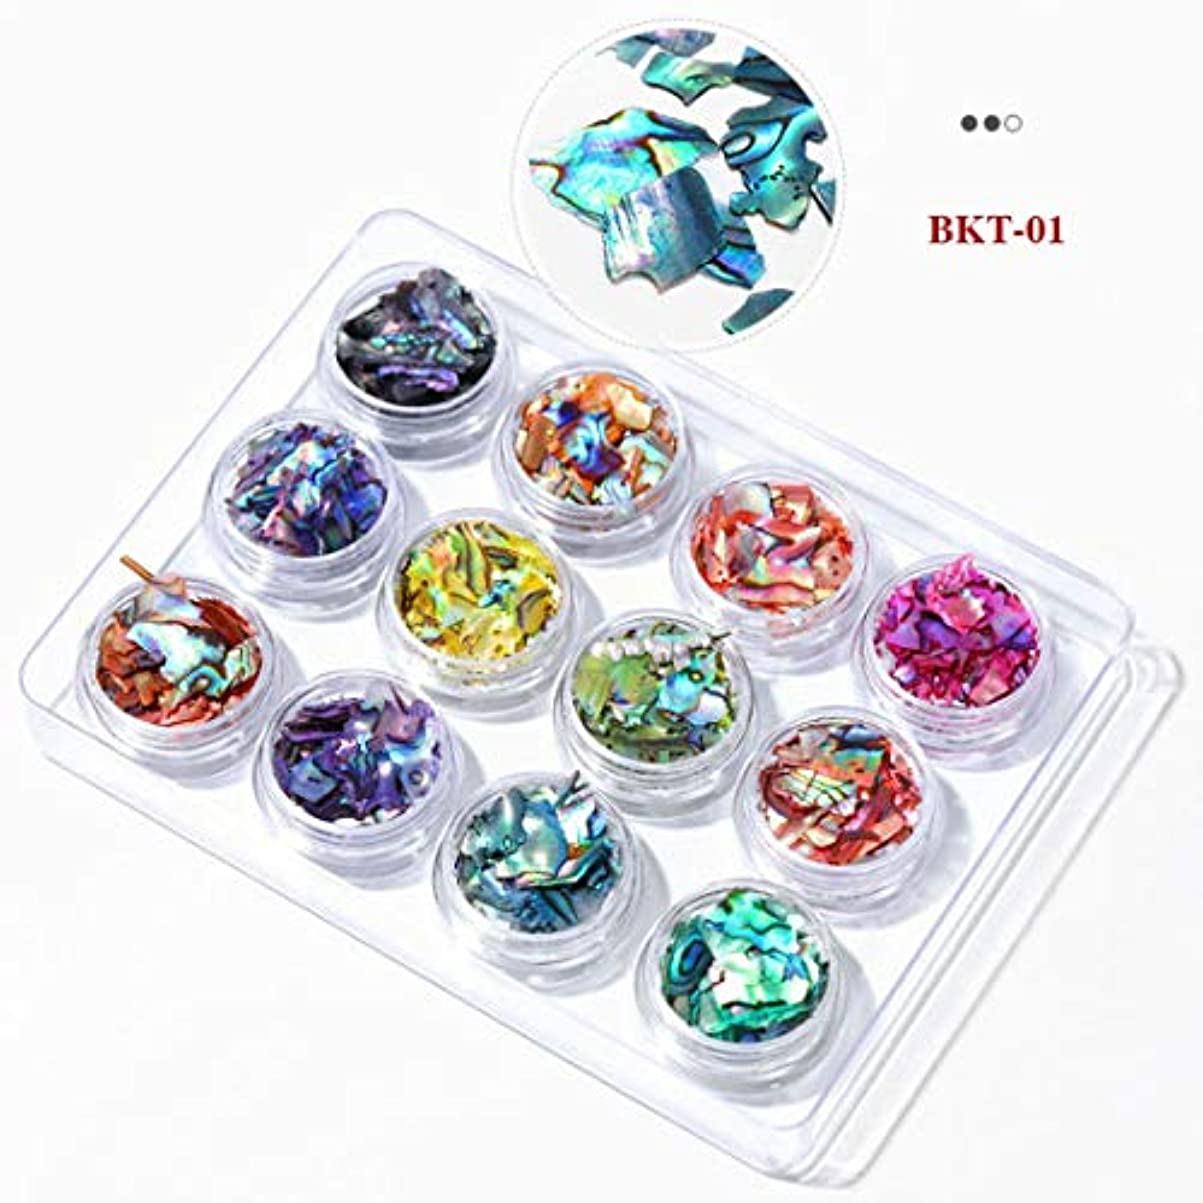 シーサイドシーサイドスチュワードTianmey 3Dネイルアートクラッシュシェル貝殻セットDIYオーシャンピーススパンコールネイルマニキュアインテリアチャームアクセサリーアクセサリーサプライ (Color : 01)